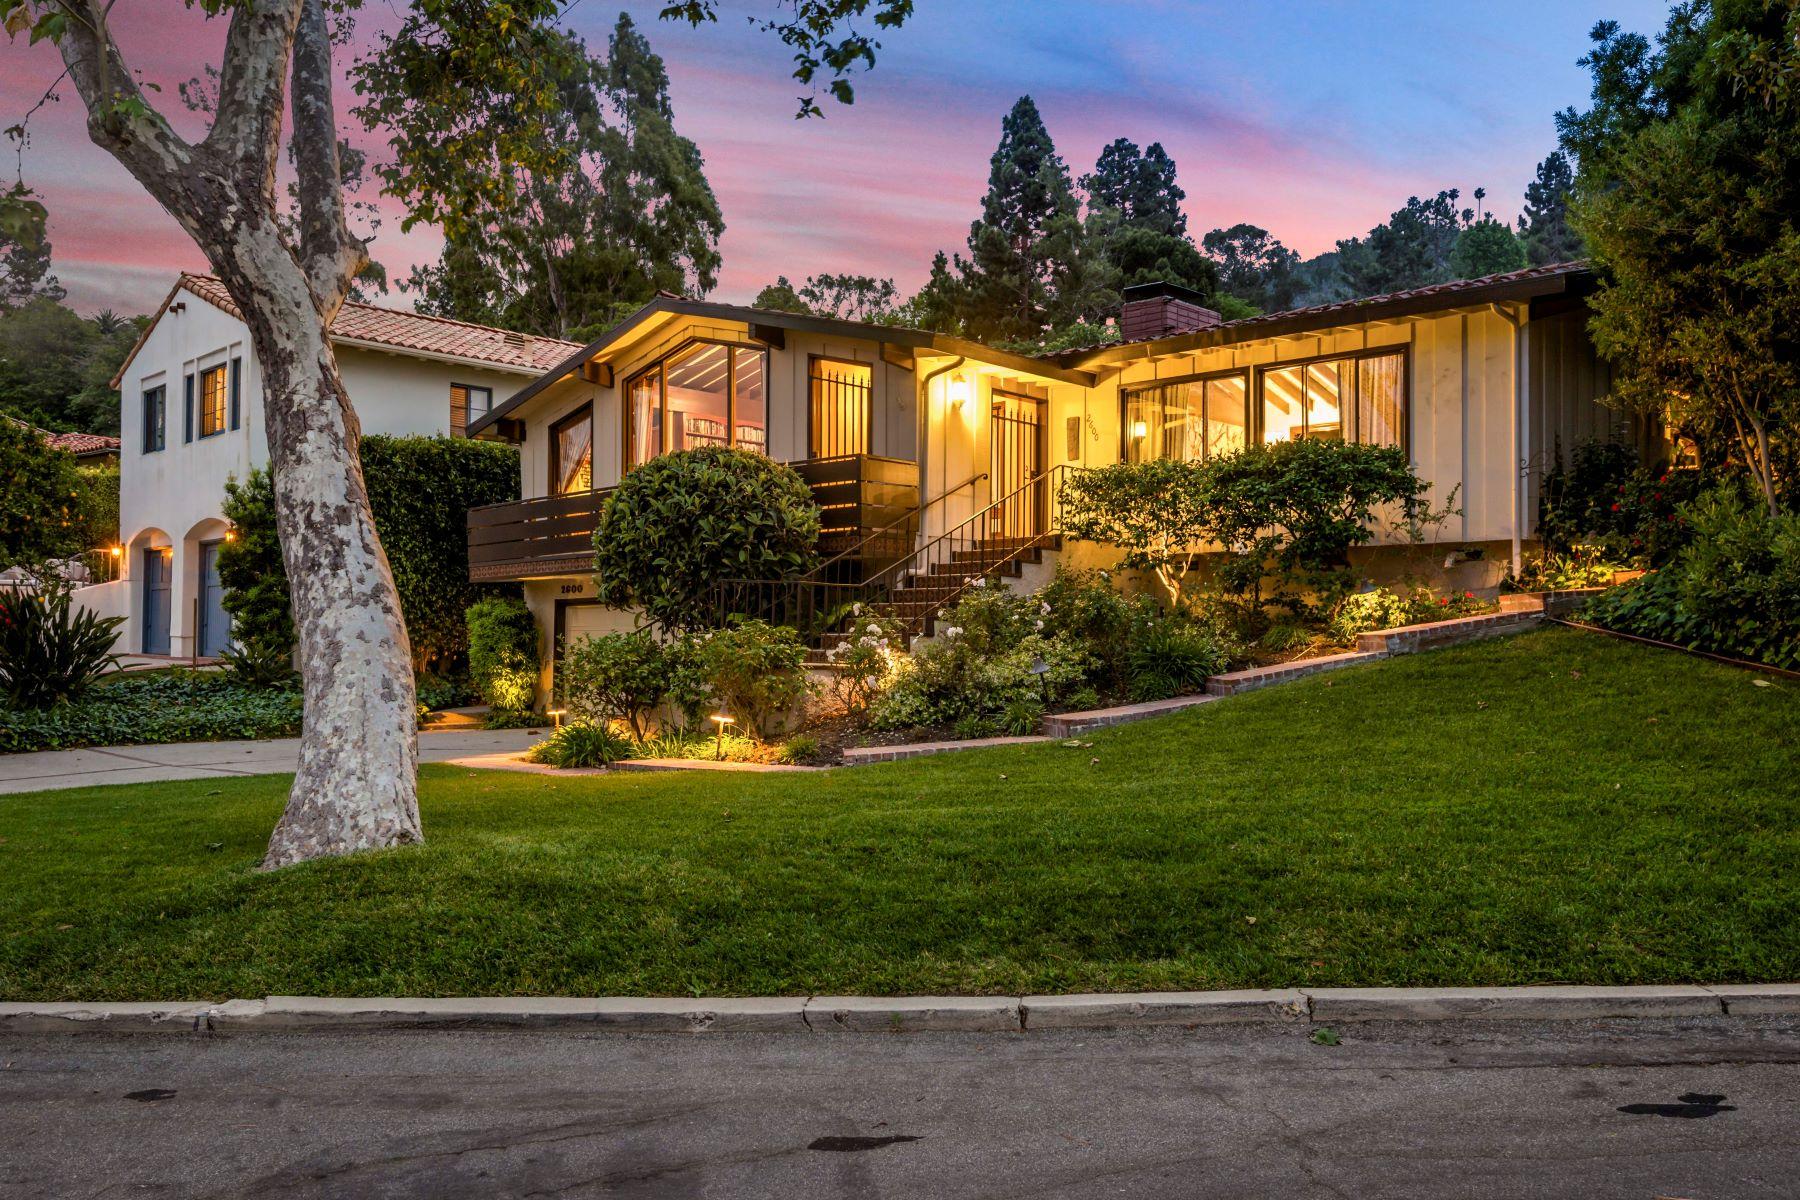 Moradia para Venda às 2600 Via Campesina, Palos Verdes Estates 90274 Palos Verdes Estates, Califórnia, 90274 Estados Unidos